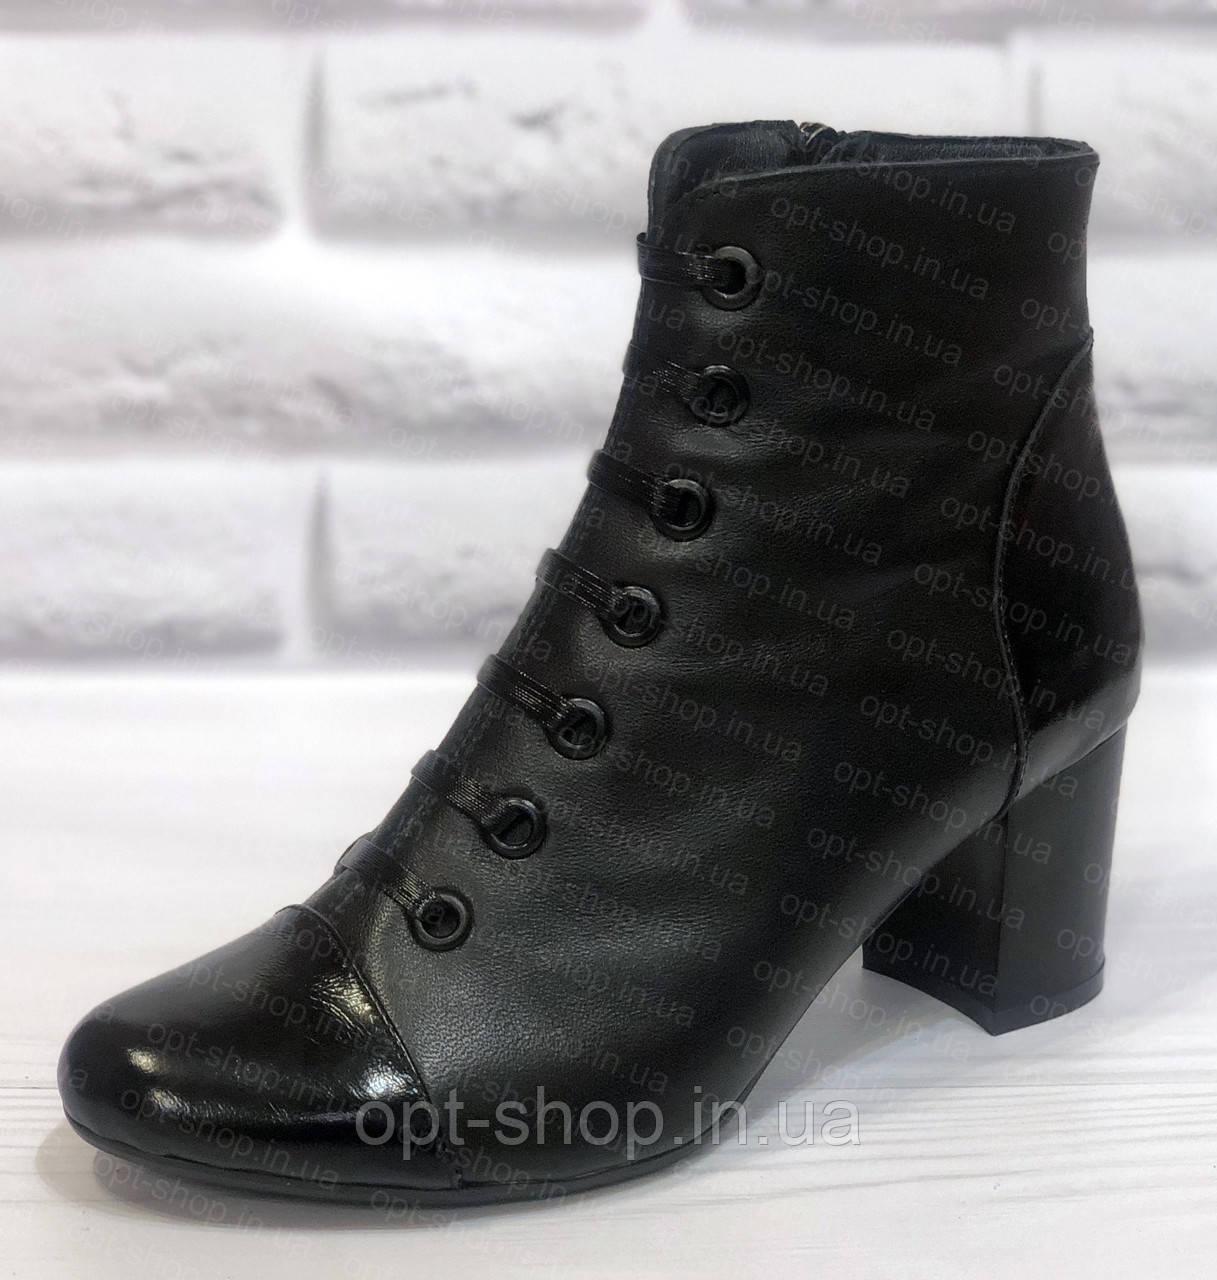 Женские демисезонные ботинки ботильоны на каблуке, ботинки женские осенние кожаные (код:И-617)